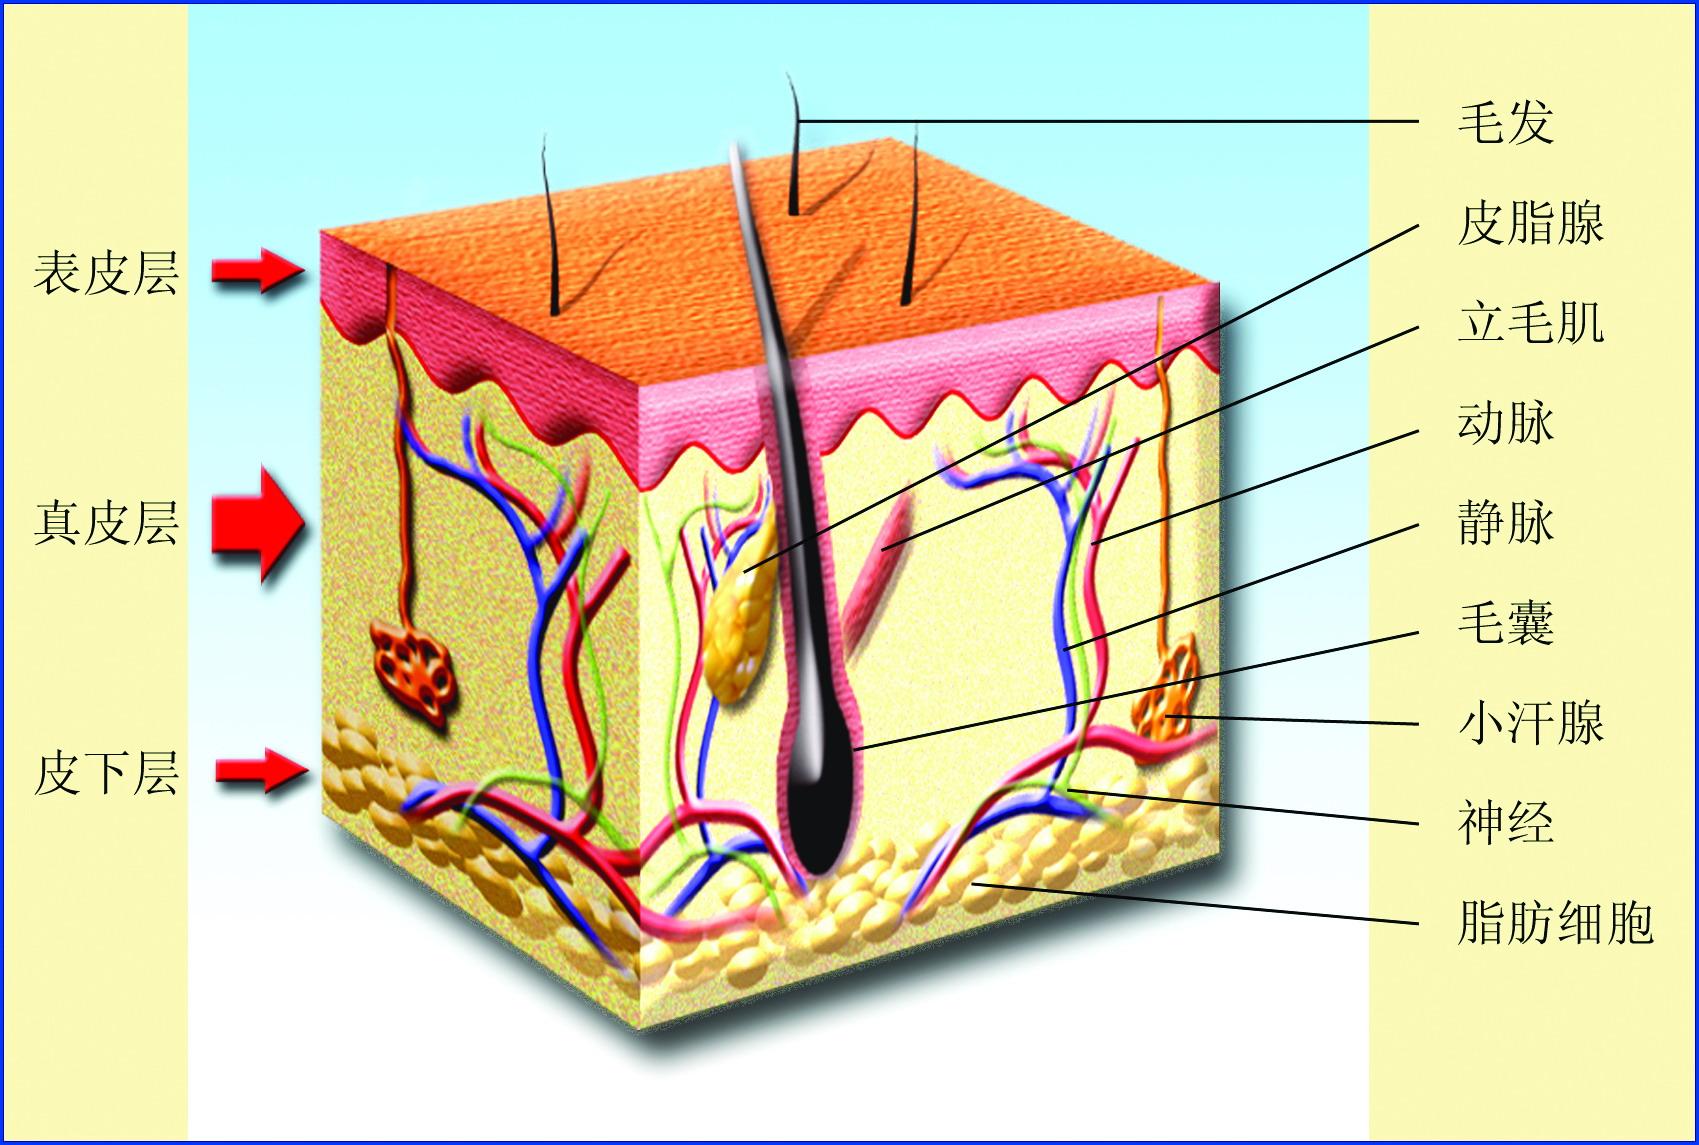 皮肤解剖结构模式图.